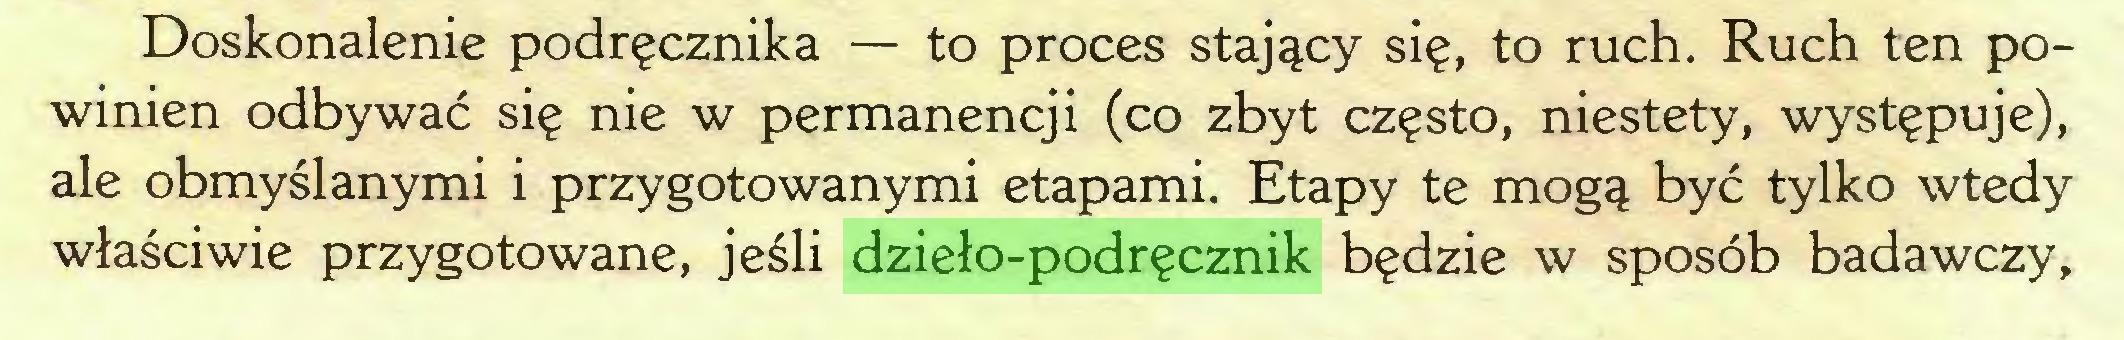 (...) Doskonalenie podręcznika — to proces stający się, to ruch. Ruch ten powinien odbywać się nie w permanencji (co zbyt często, niestety, występuje), ale obmyślanymi i przygotowanymi etapami. Etapy te mogą być tylko wtedy właściwie przygotowane, jeśli dzieło-podręcznik będzie w sposób badawczy,...